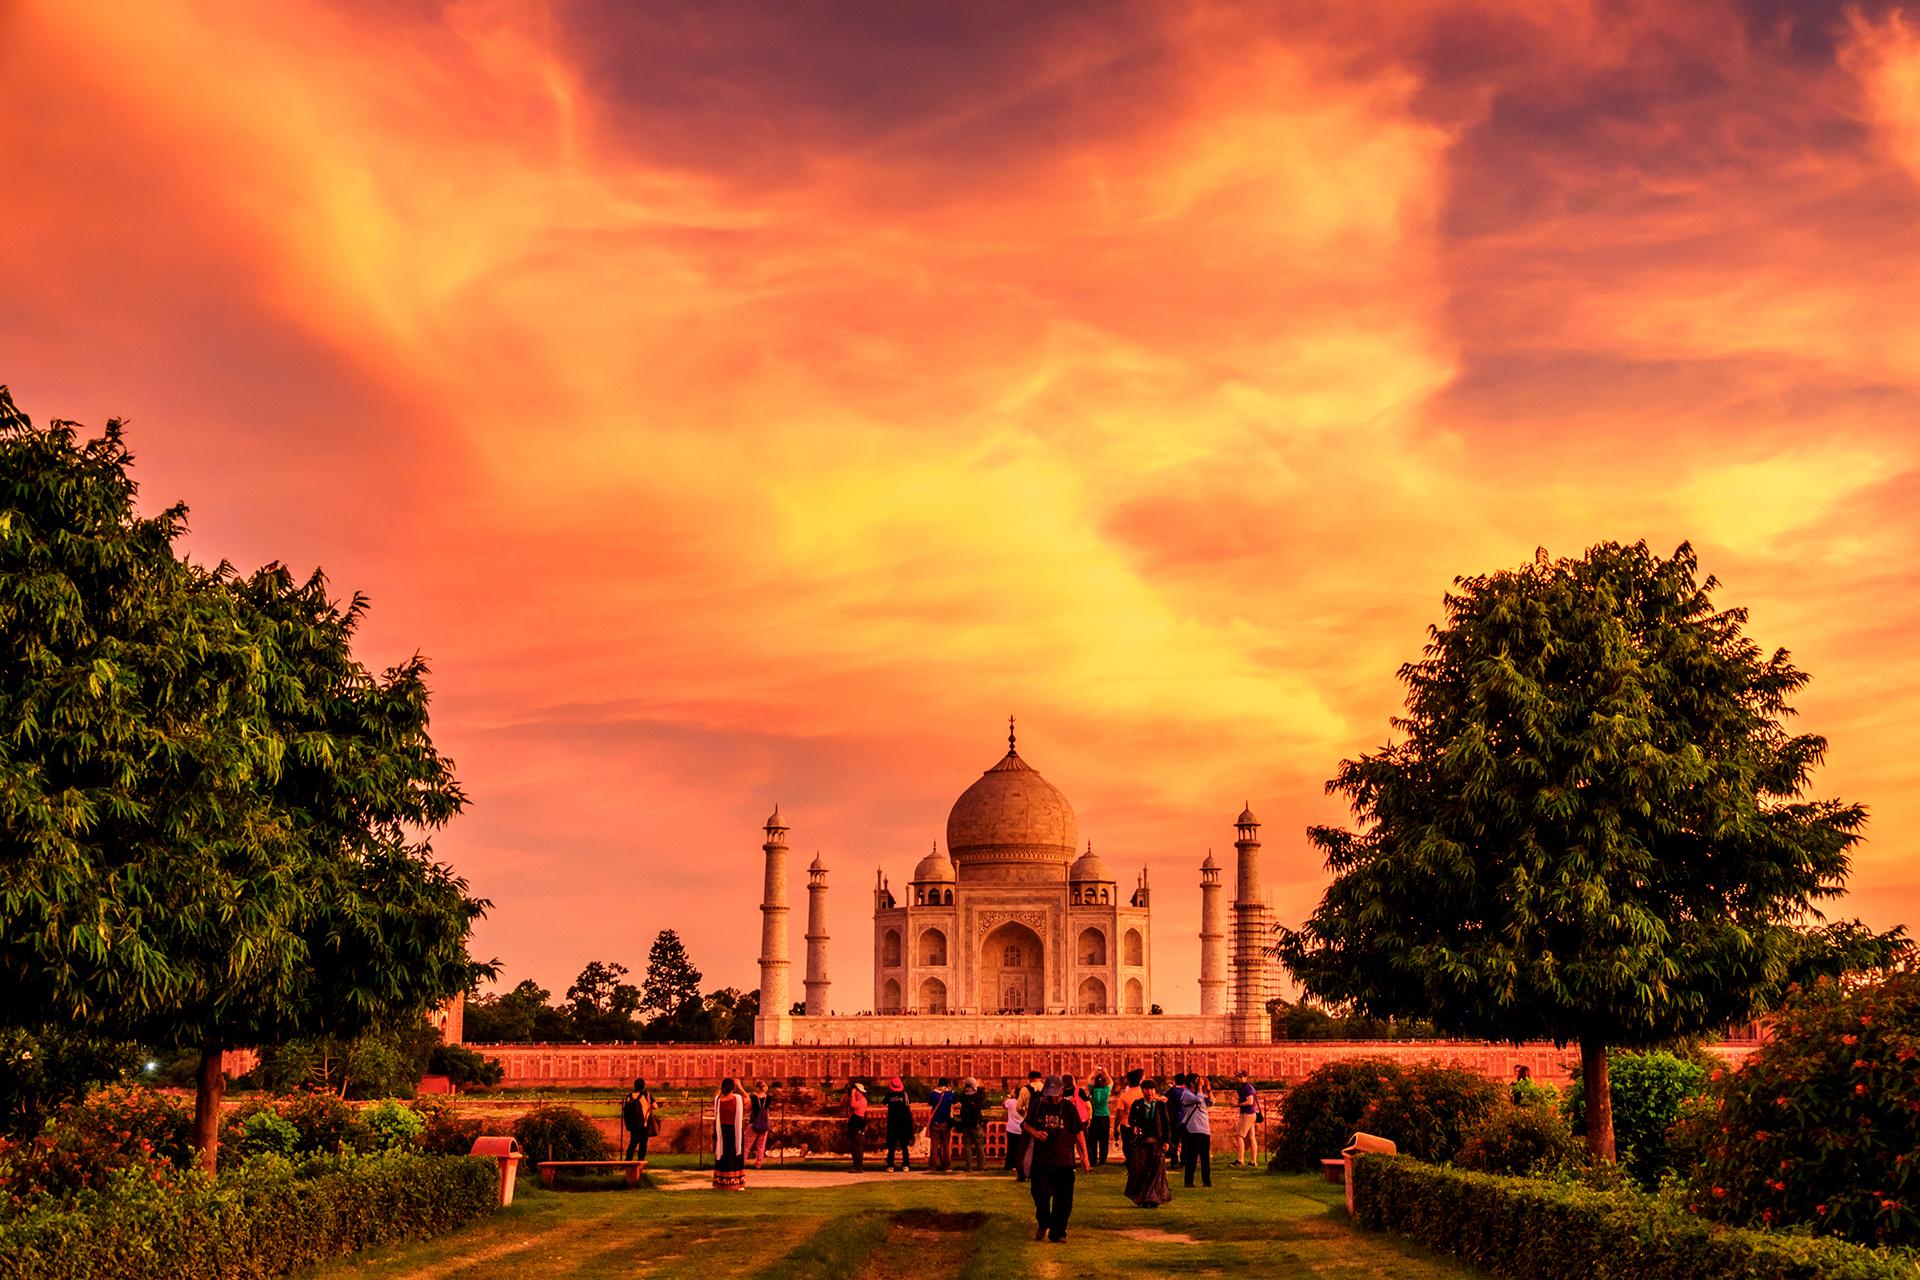 El encanto mágico del Taj Mahal atrae a los turistas del mundo a Agra. Pero el Taj no es una atracción independiente. El legado del imperio mogol ha dejado una fortaleza magnífica y una generosa cantidad de tumbas y mausoleos fascinantes, y también hay diversión en los bulliciosos chowks (mercados) // Fotos: Shutterstock